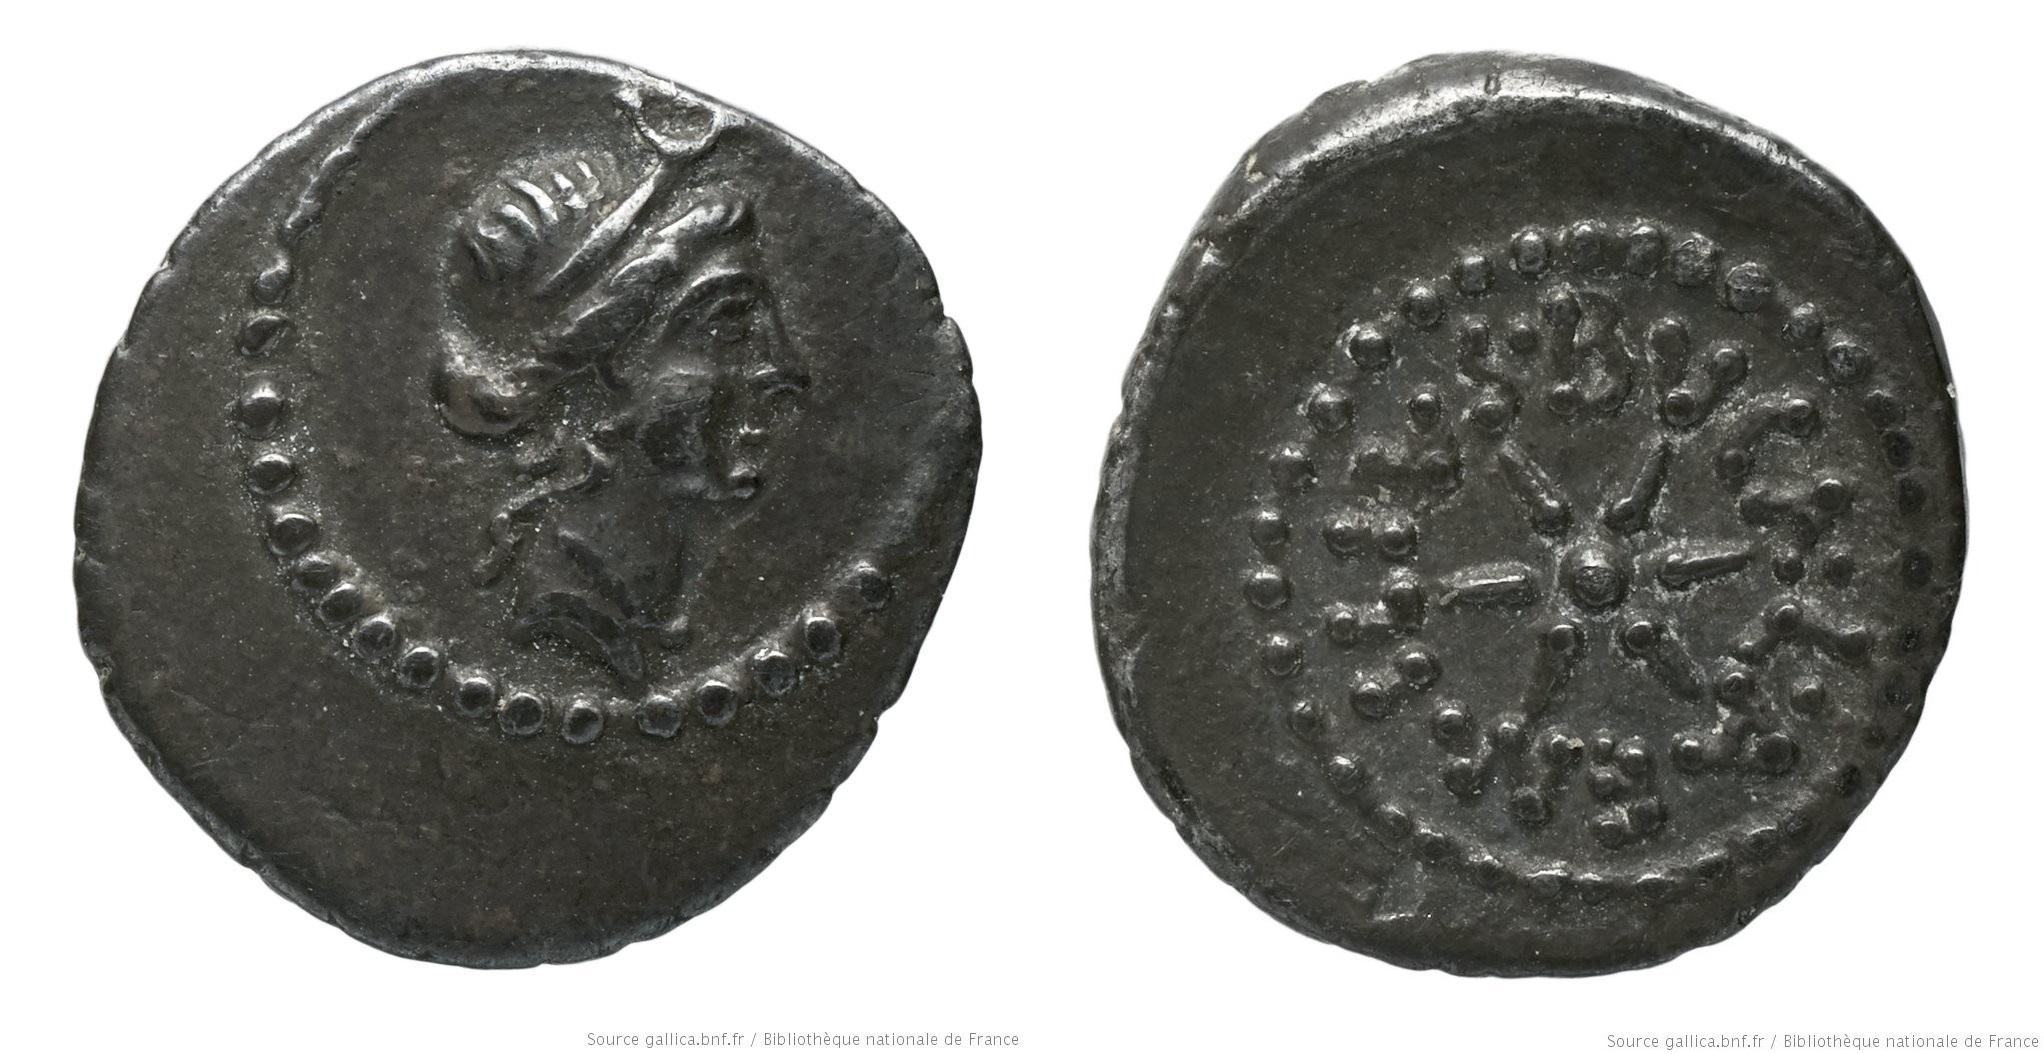 1547AE – Sesterce Aemilia – Lucius Aemilius Buca